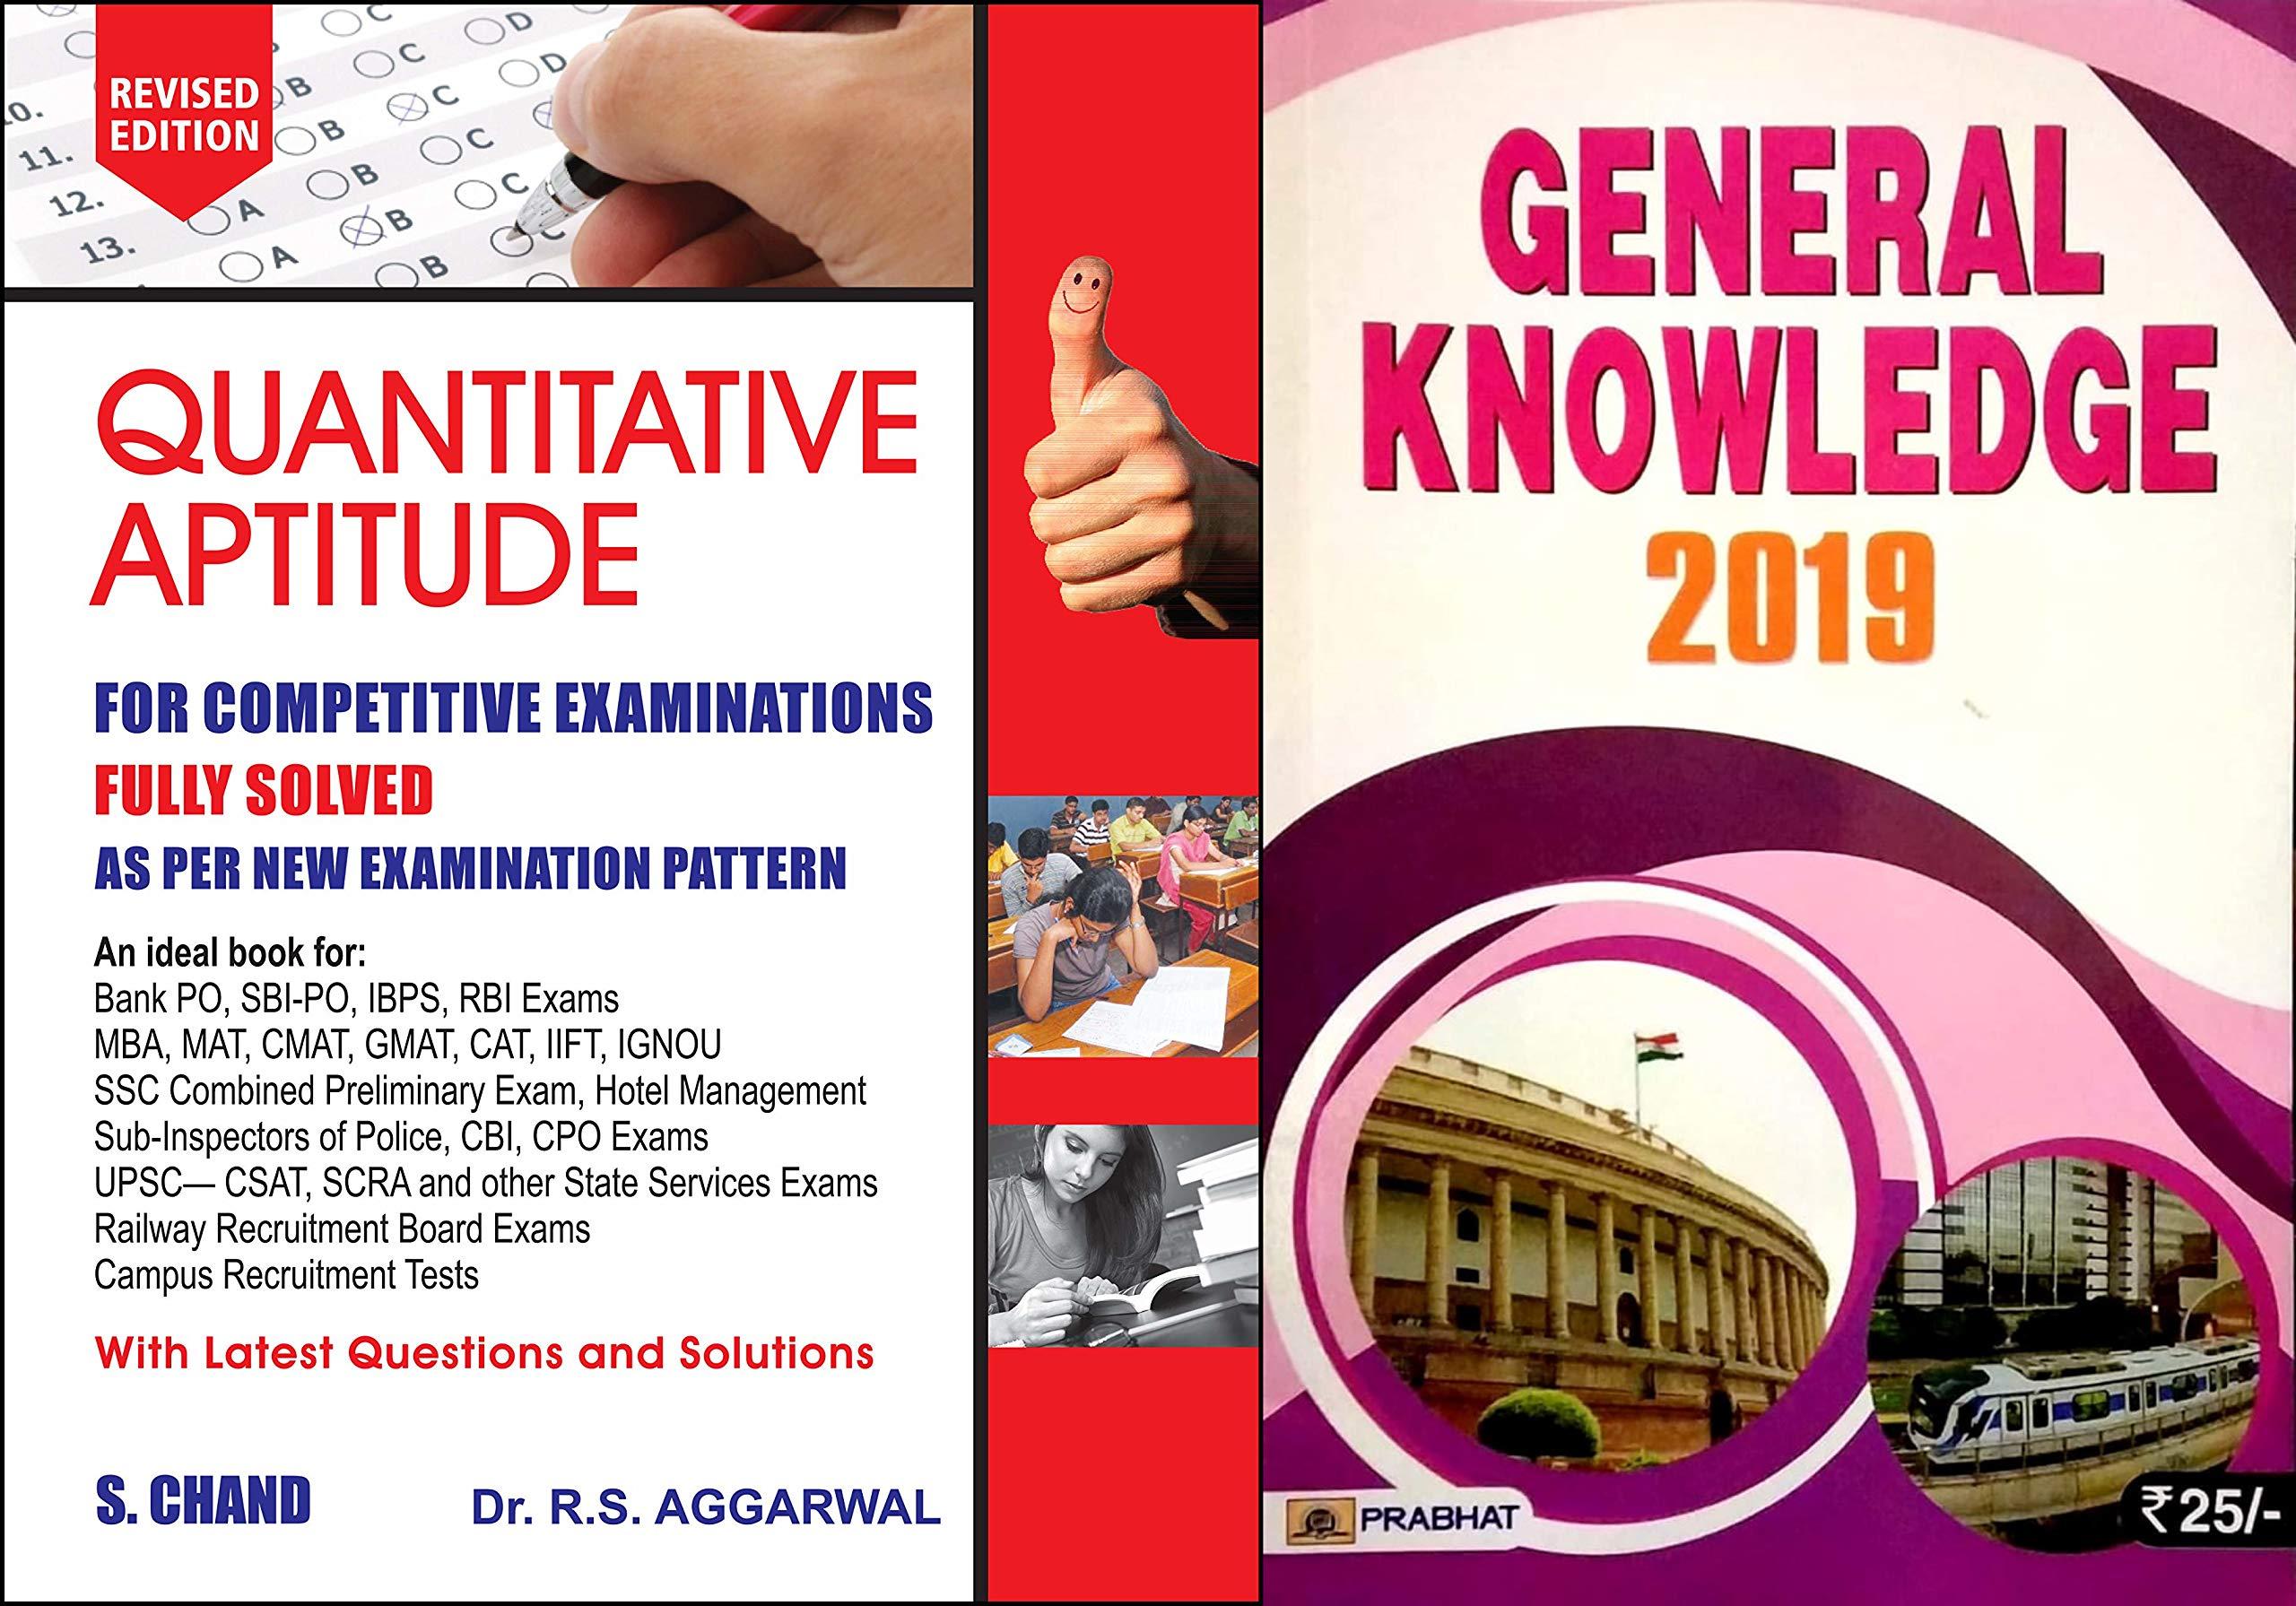 Quantitative Aptitude Pdf In Tamil